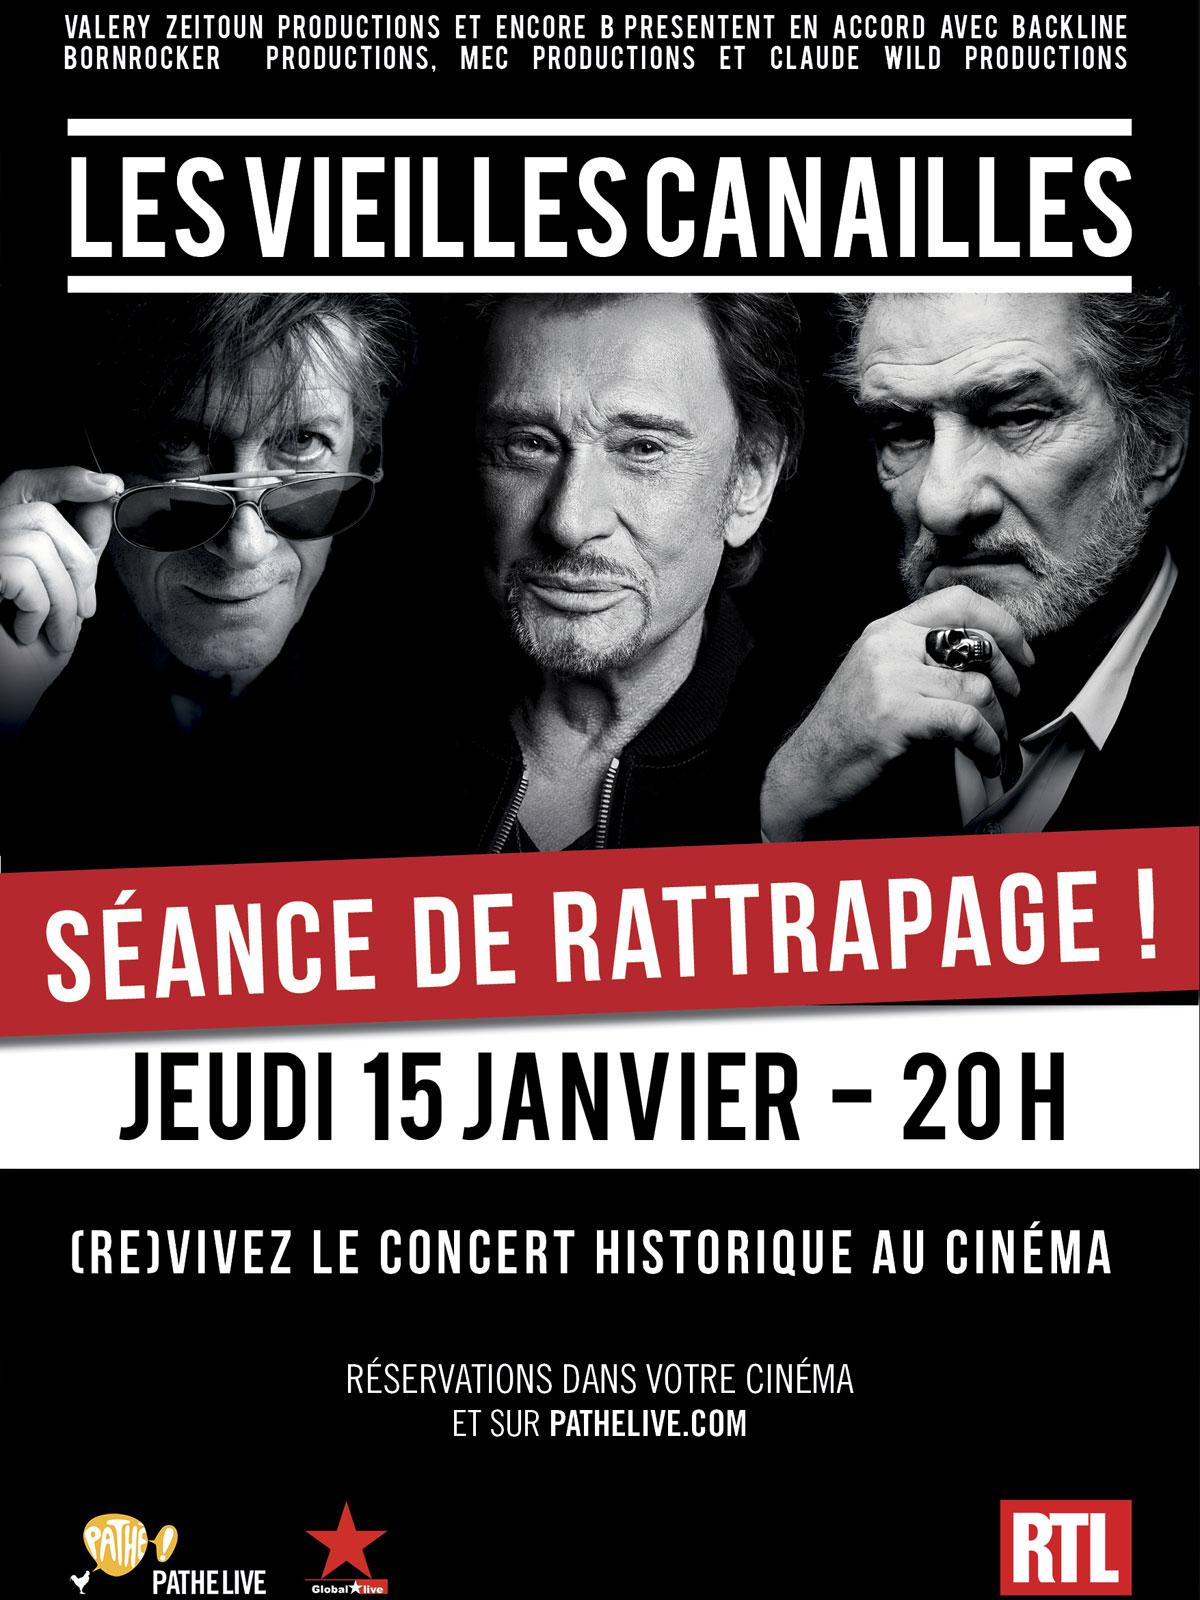 Télécharger Les vieilles canailles -Séance de rattrapage (Pathé live) VF TUREFRENCH Uptobox